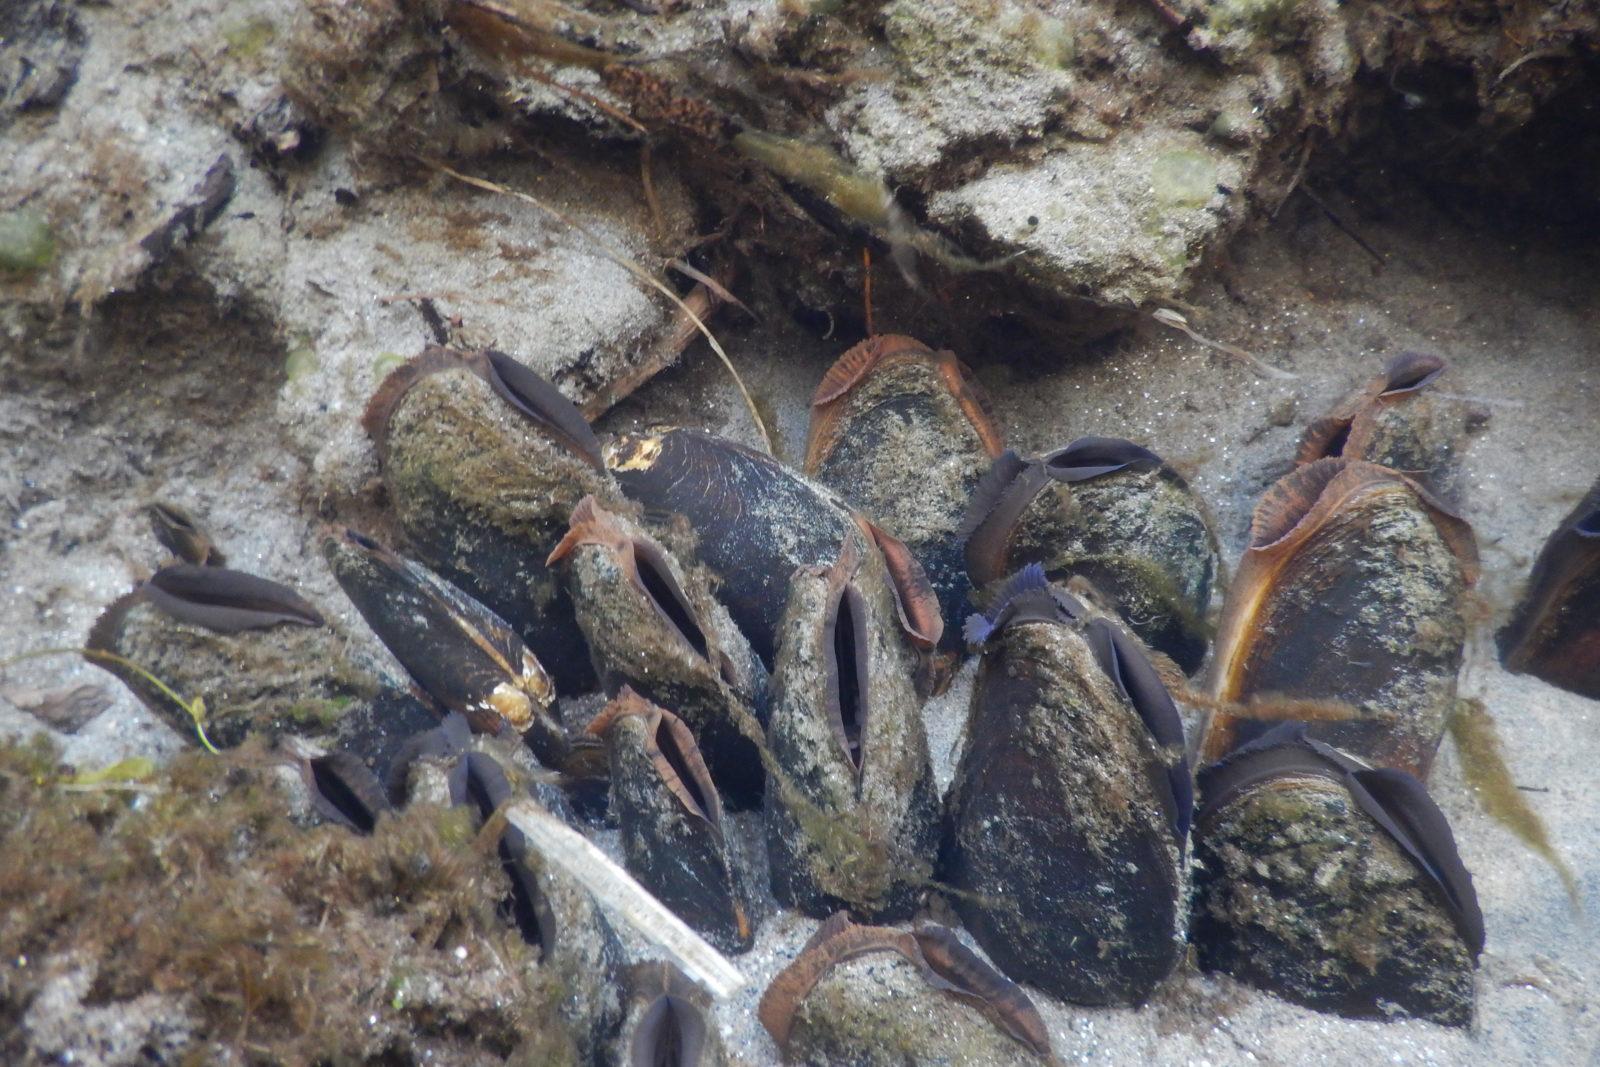 En rekke elvemuslinger stikker ut av sanden i en liten bekk, der de filtrerer vannet etter mat